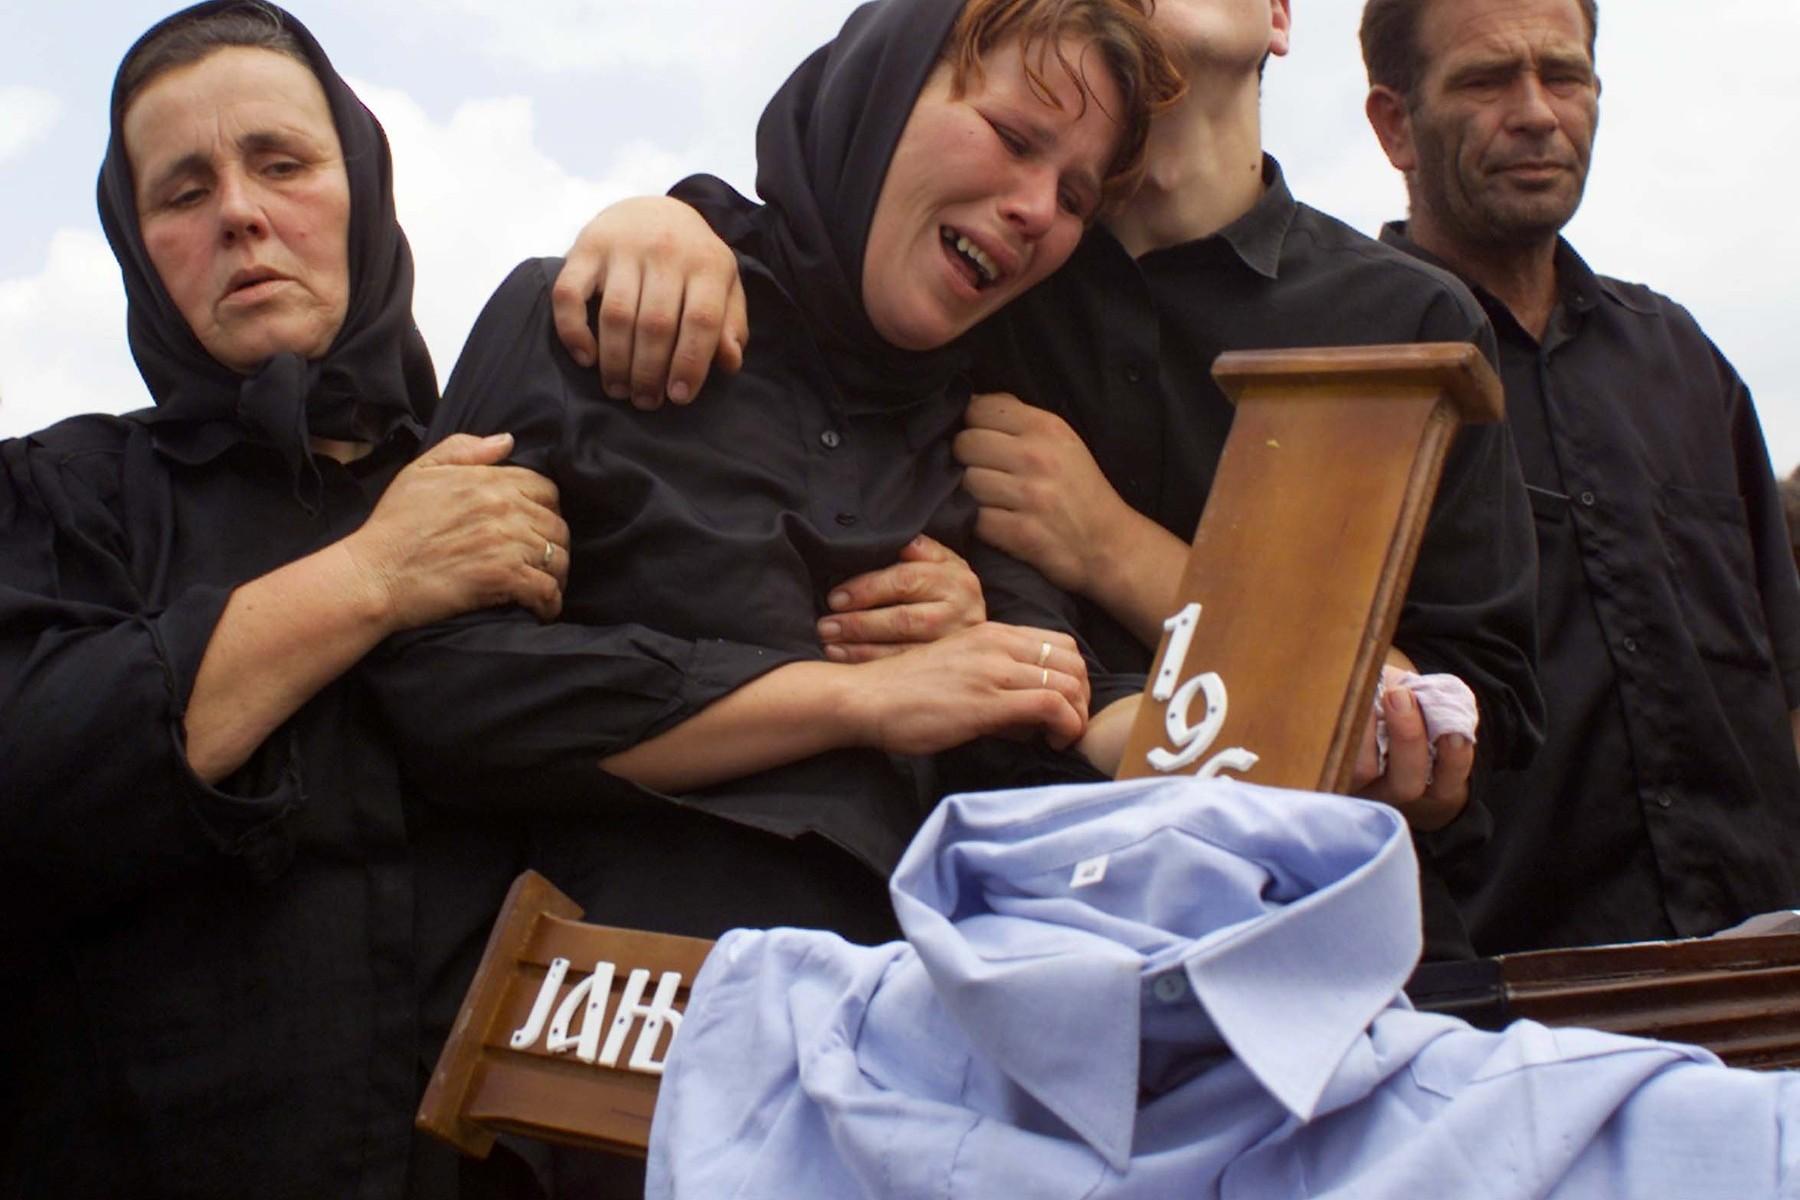 Porodica jedne od žrtava masakra u Starom Gracku tokom sahrane (Foto: Profimedia/Corbis)